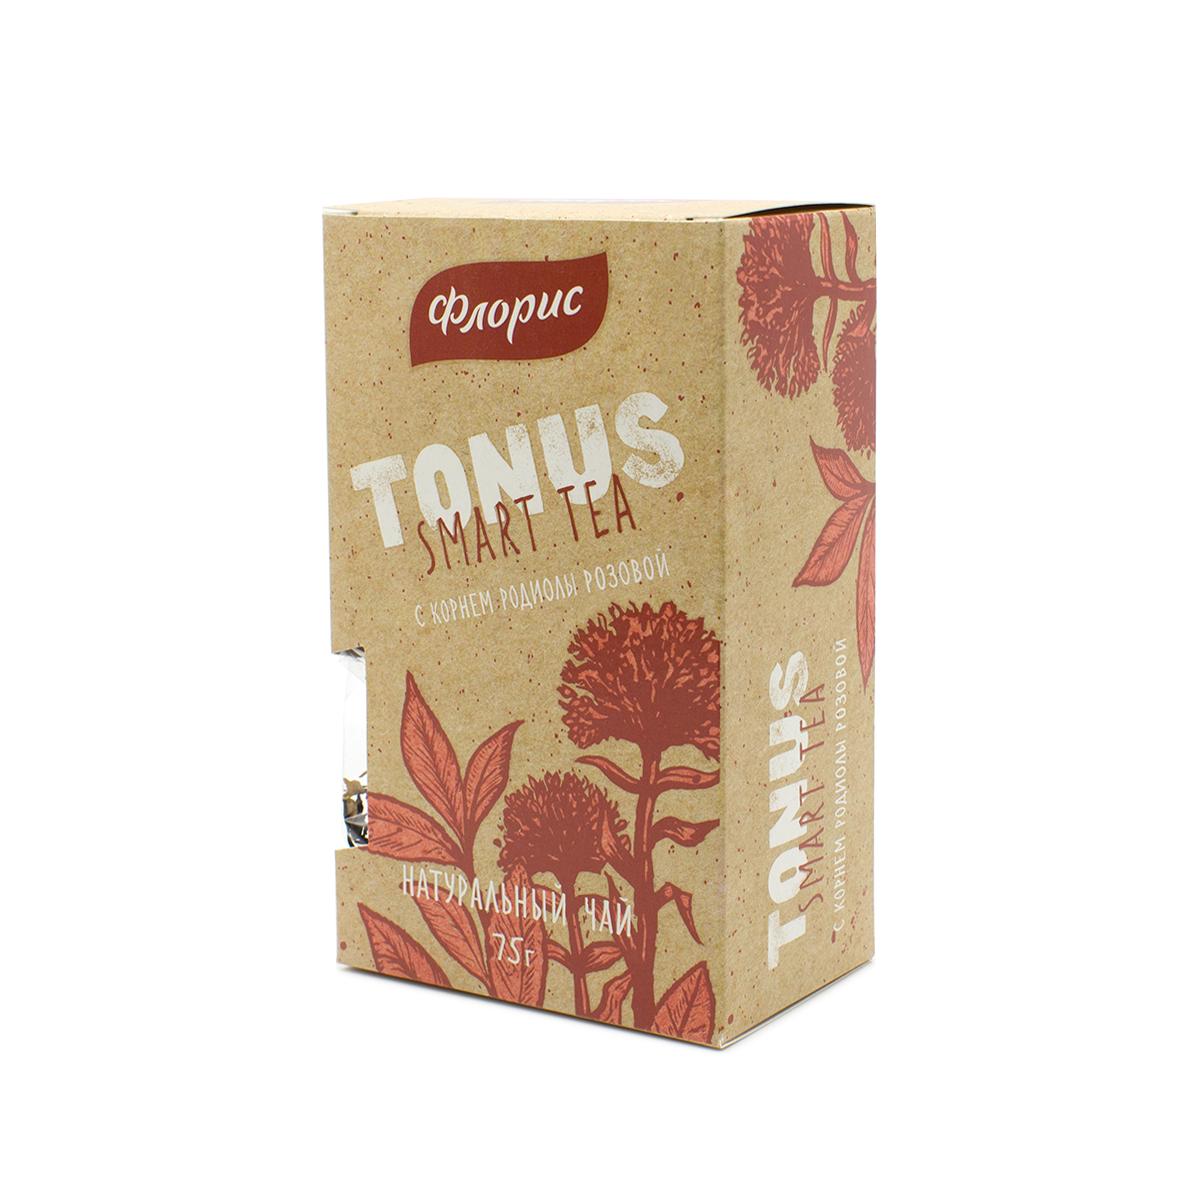 Чай черный натуральный Tonus, 75 г nadin вдохновение чай черный 75 г